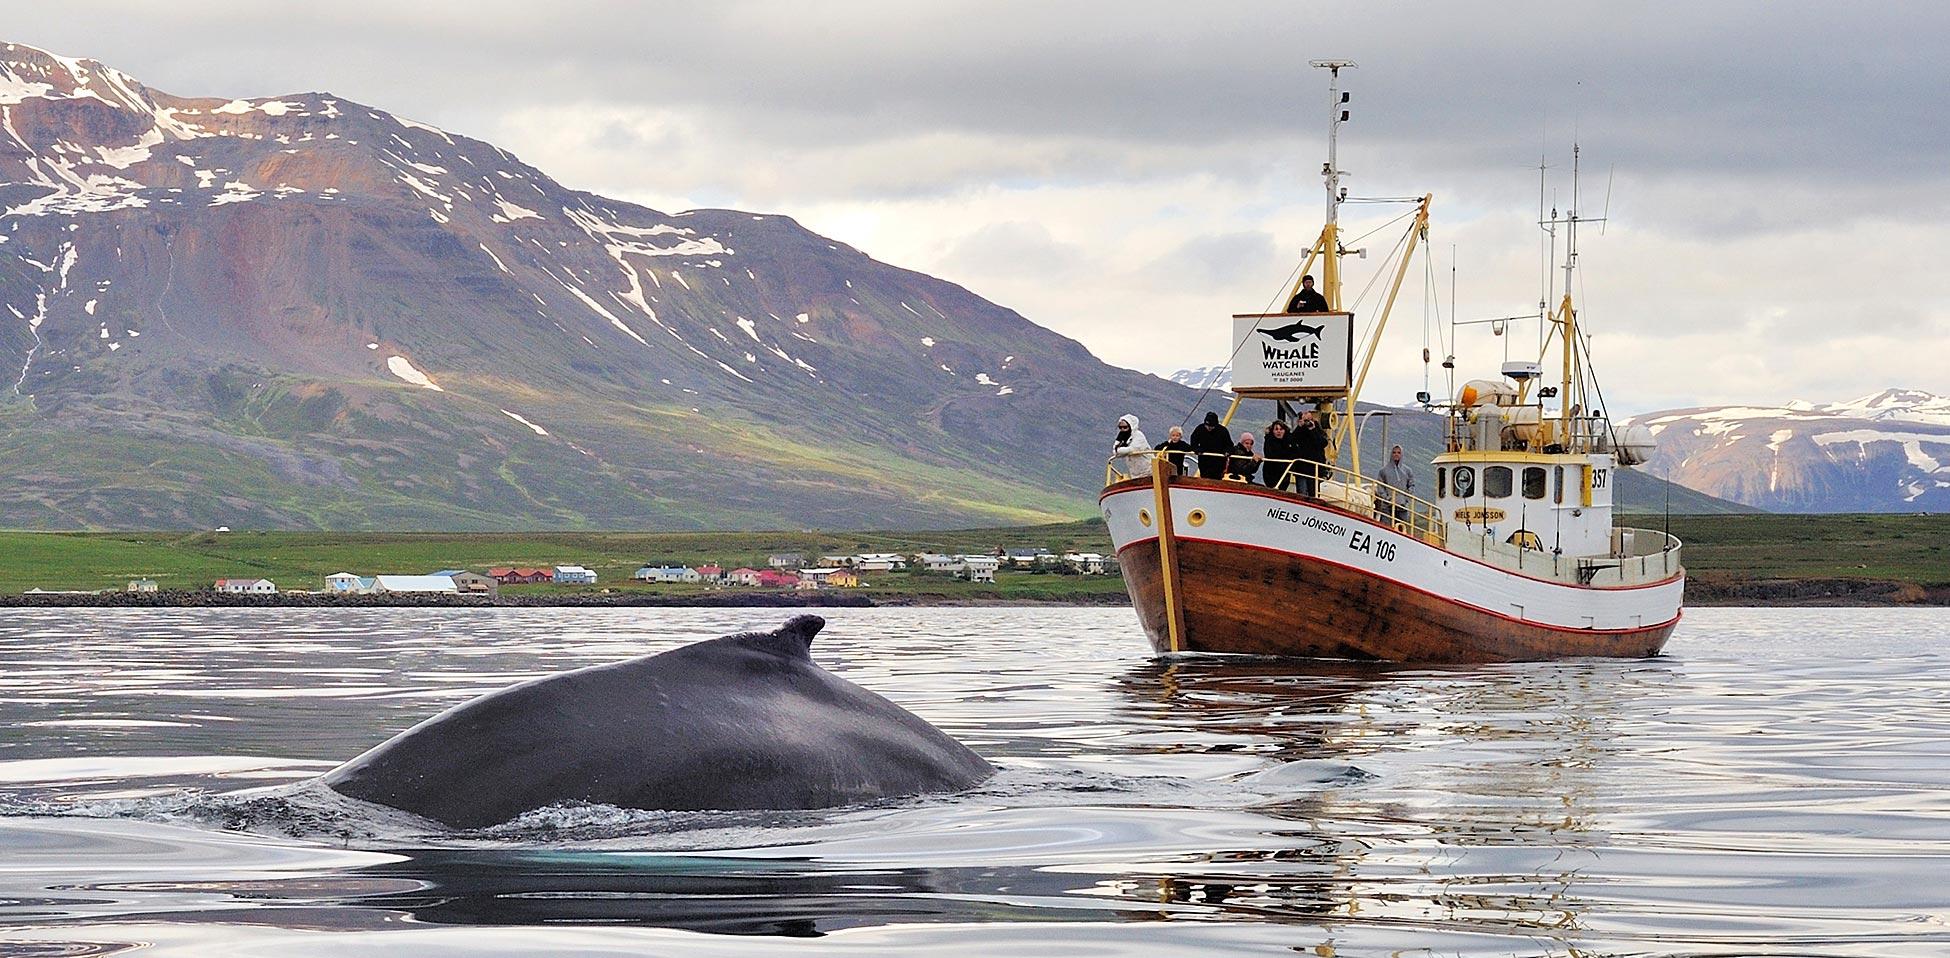 고래관측 및 바닷낚시 투어| 북부 아이슬란드 하우가네스